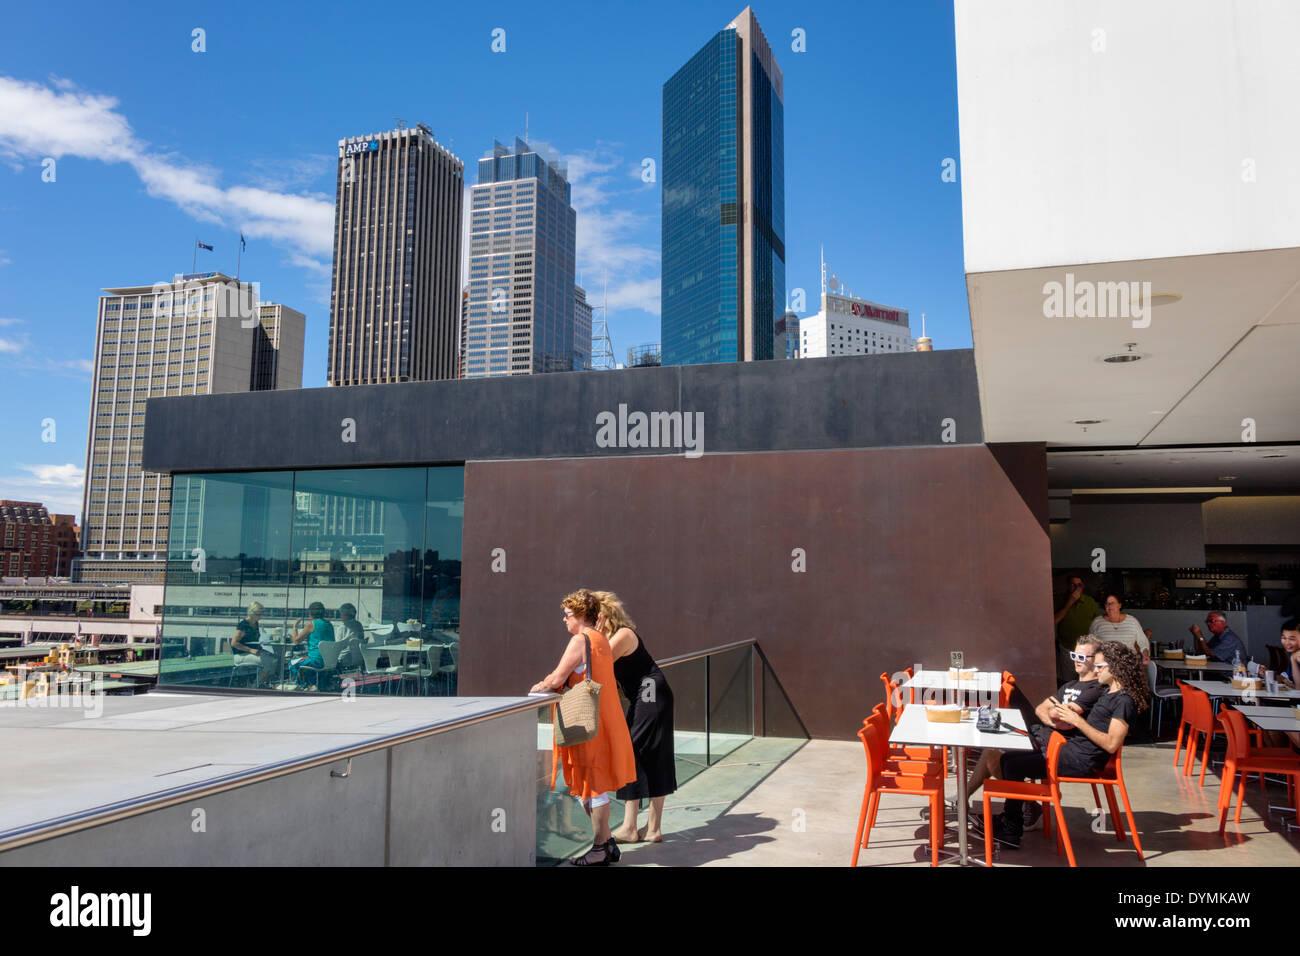 Sydney Australien NSW New South Wales West Circular Quay Museum für Zeitgenössische Kunst MCA Dachterrasse Cafe Restaurant CBD Central Business District Stadt skyl Stockbild